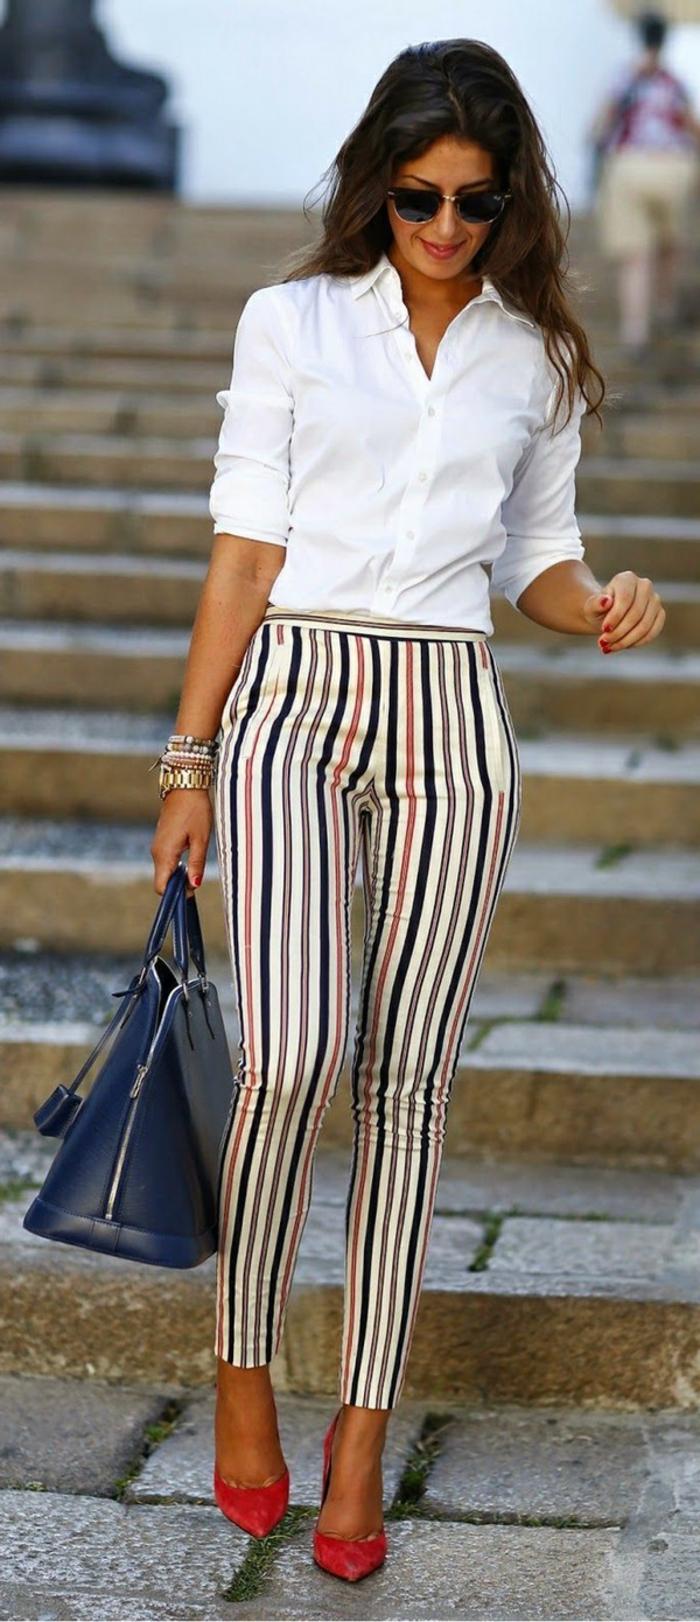 Moderne Lange Damenhosen 2016 Schritt Mit Den Tendenzen Halten